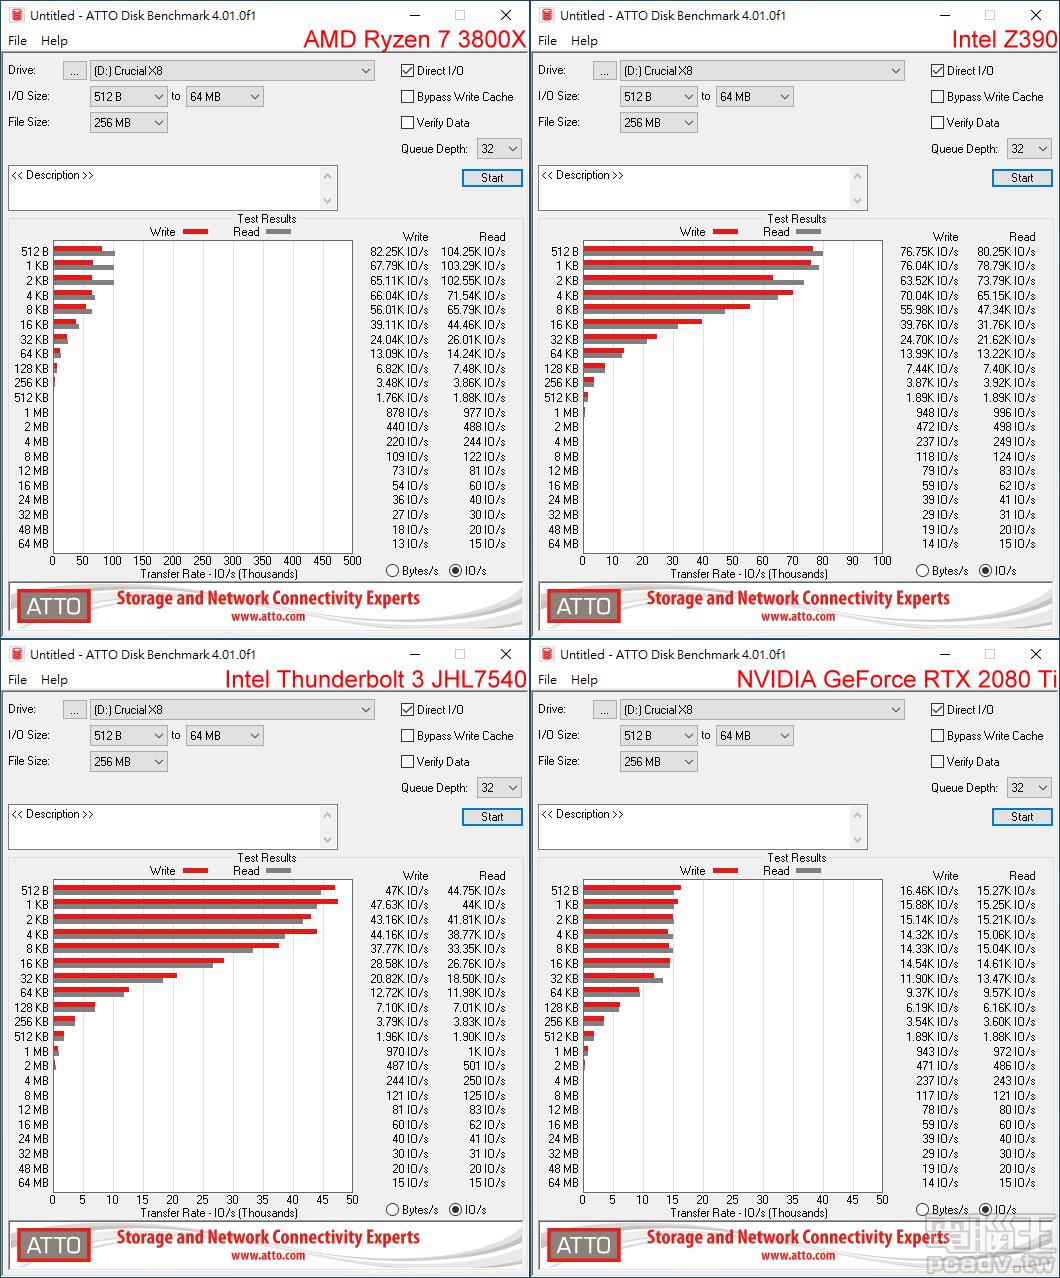 將 ATTO Disk B enchmark 切換至 IO/s 頁面,此處則以 AMD 處理器較具優勢,讀取甚至可以超過 100IO/s。(點圖放大)